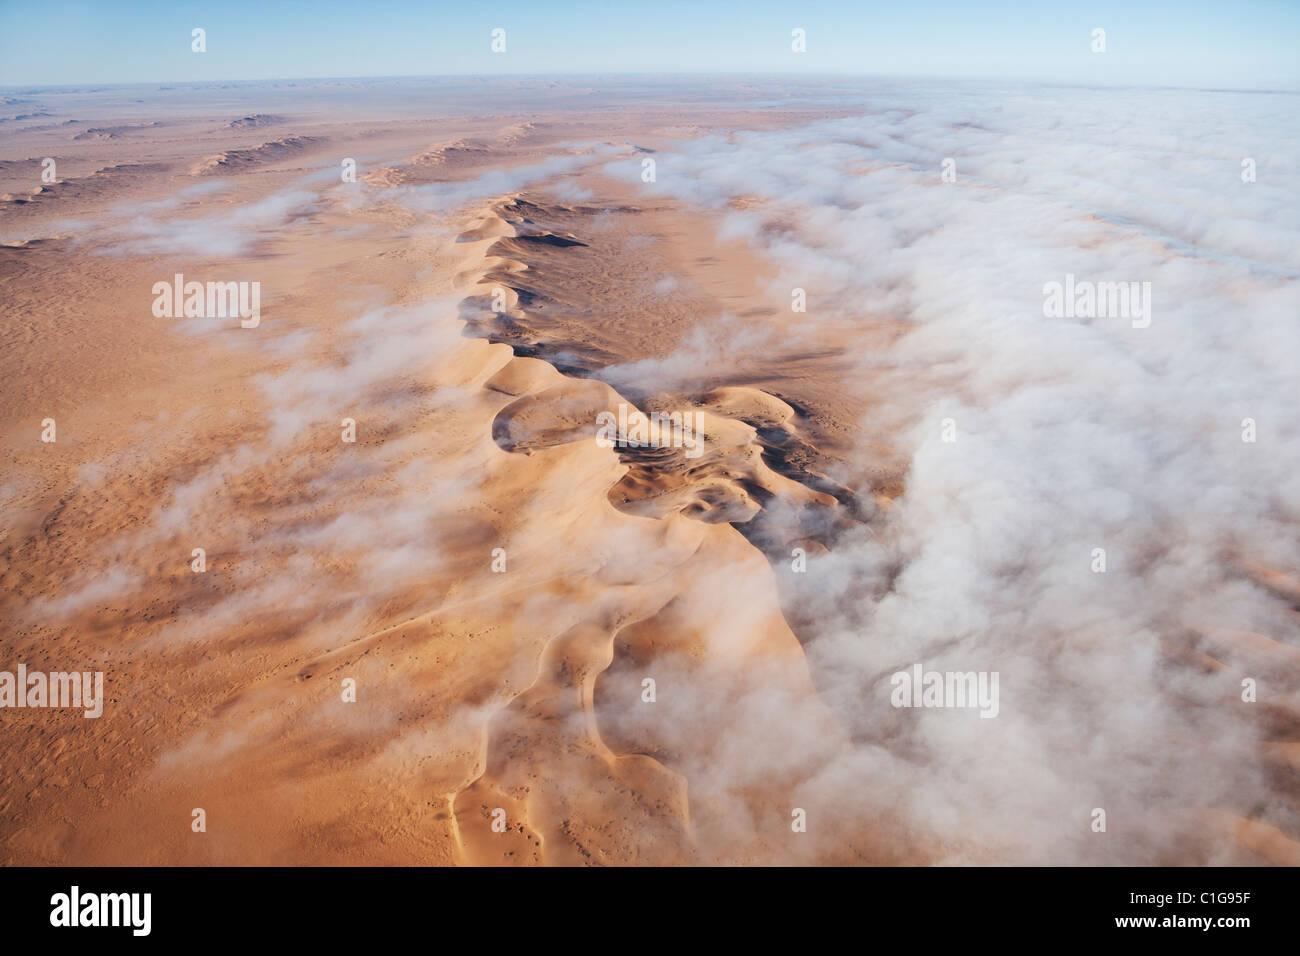 Vue aérienne de dunes de sable du désert de Namibie Photo Stock